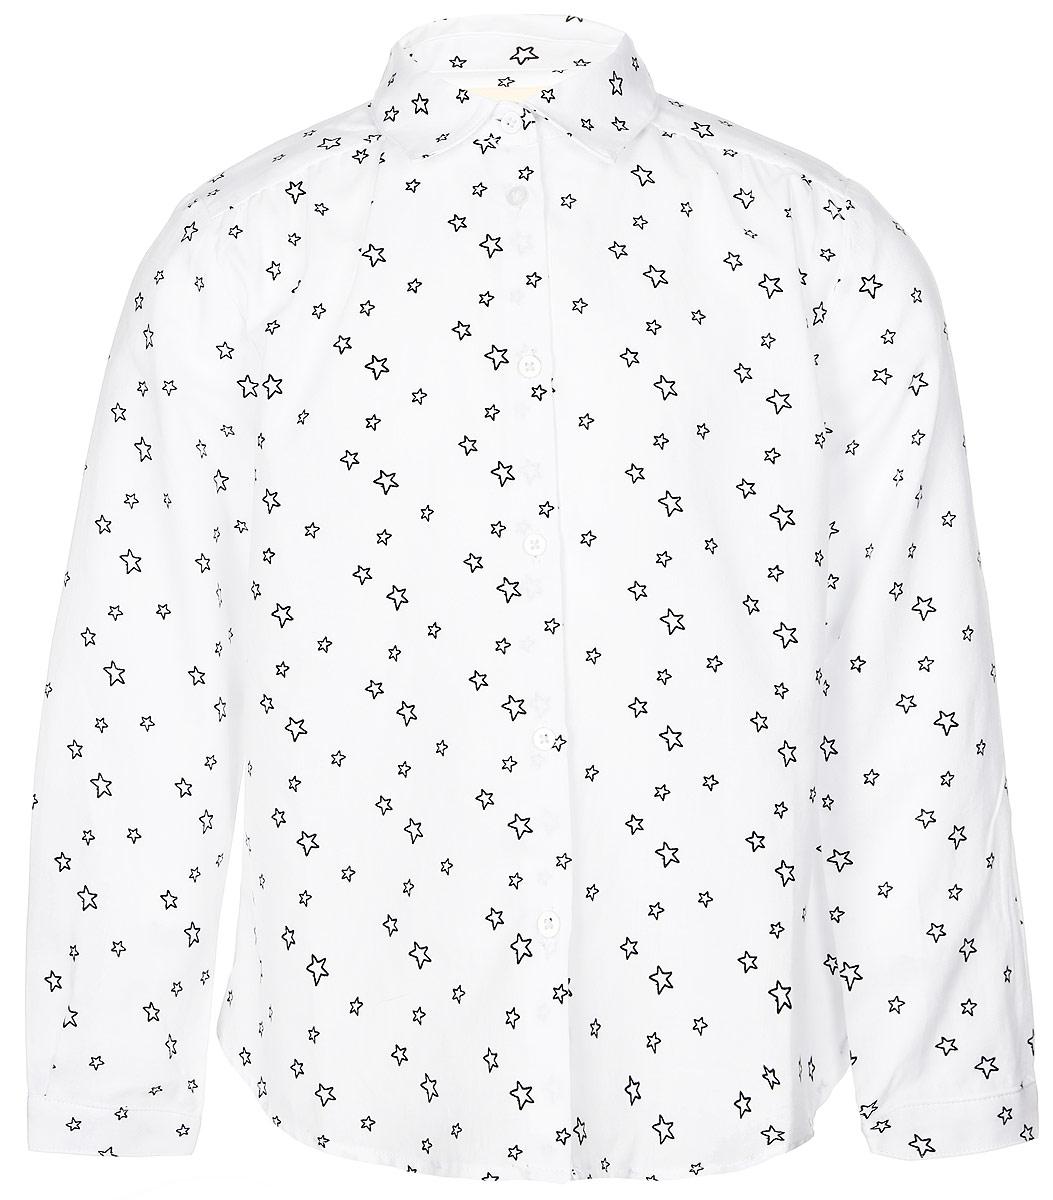 Рубашка для девочки Button Blue, цвет: белый, черный. 216BBGC22010201. Размер 116, 6 лет216BBGC22010201Стильная рубашка Button Blue выполнена из натурального 100% хлопка. Модель свободного трапециевидного кроя с длинными рукавами и отложным воротником застегивается на пуговицы по всей длине и оформлена оригинальным звездным принтом. На манжетах предусмотрены застежки-пуговицы. Спинка немного удлинена.